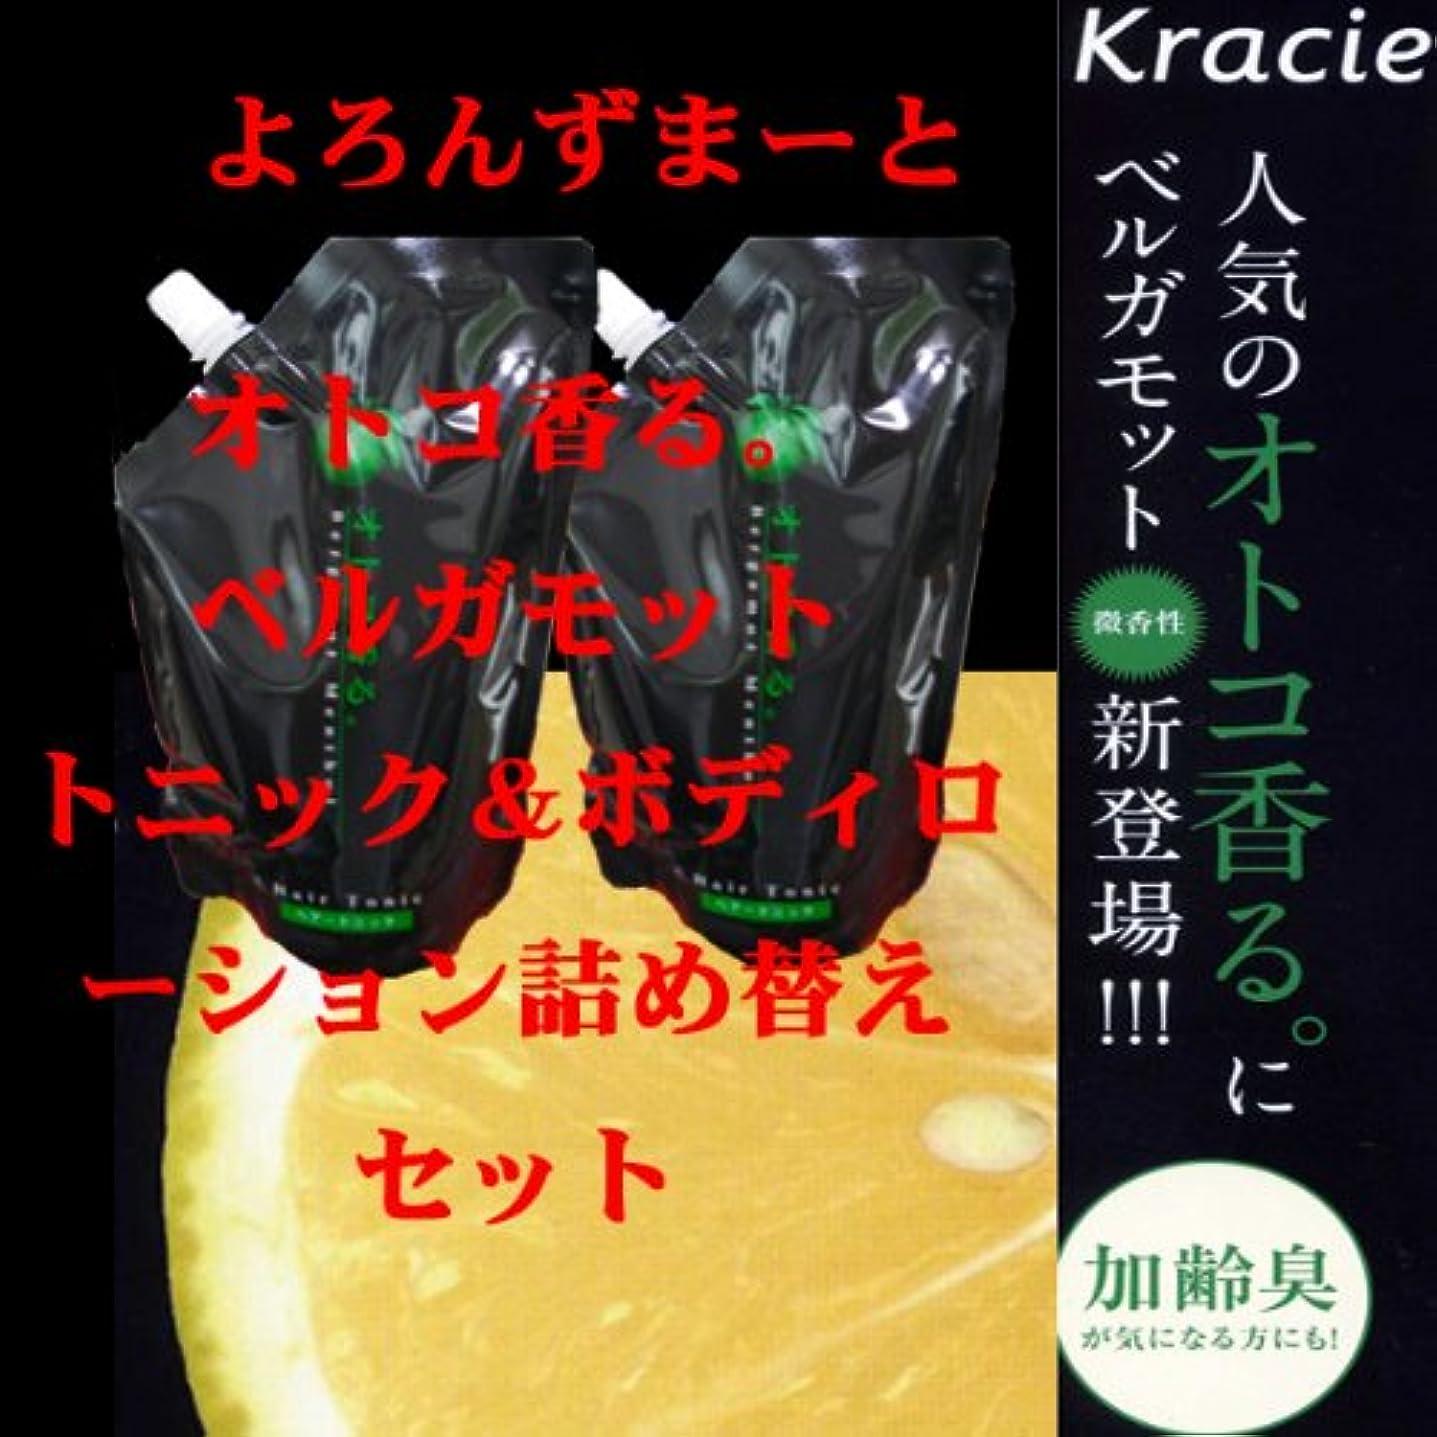 ワームマカダム助けて【X2個セット】 クラシエ オトコ香る トニック(ベルガモット) 500ml 詰替え用(レフィル)